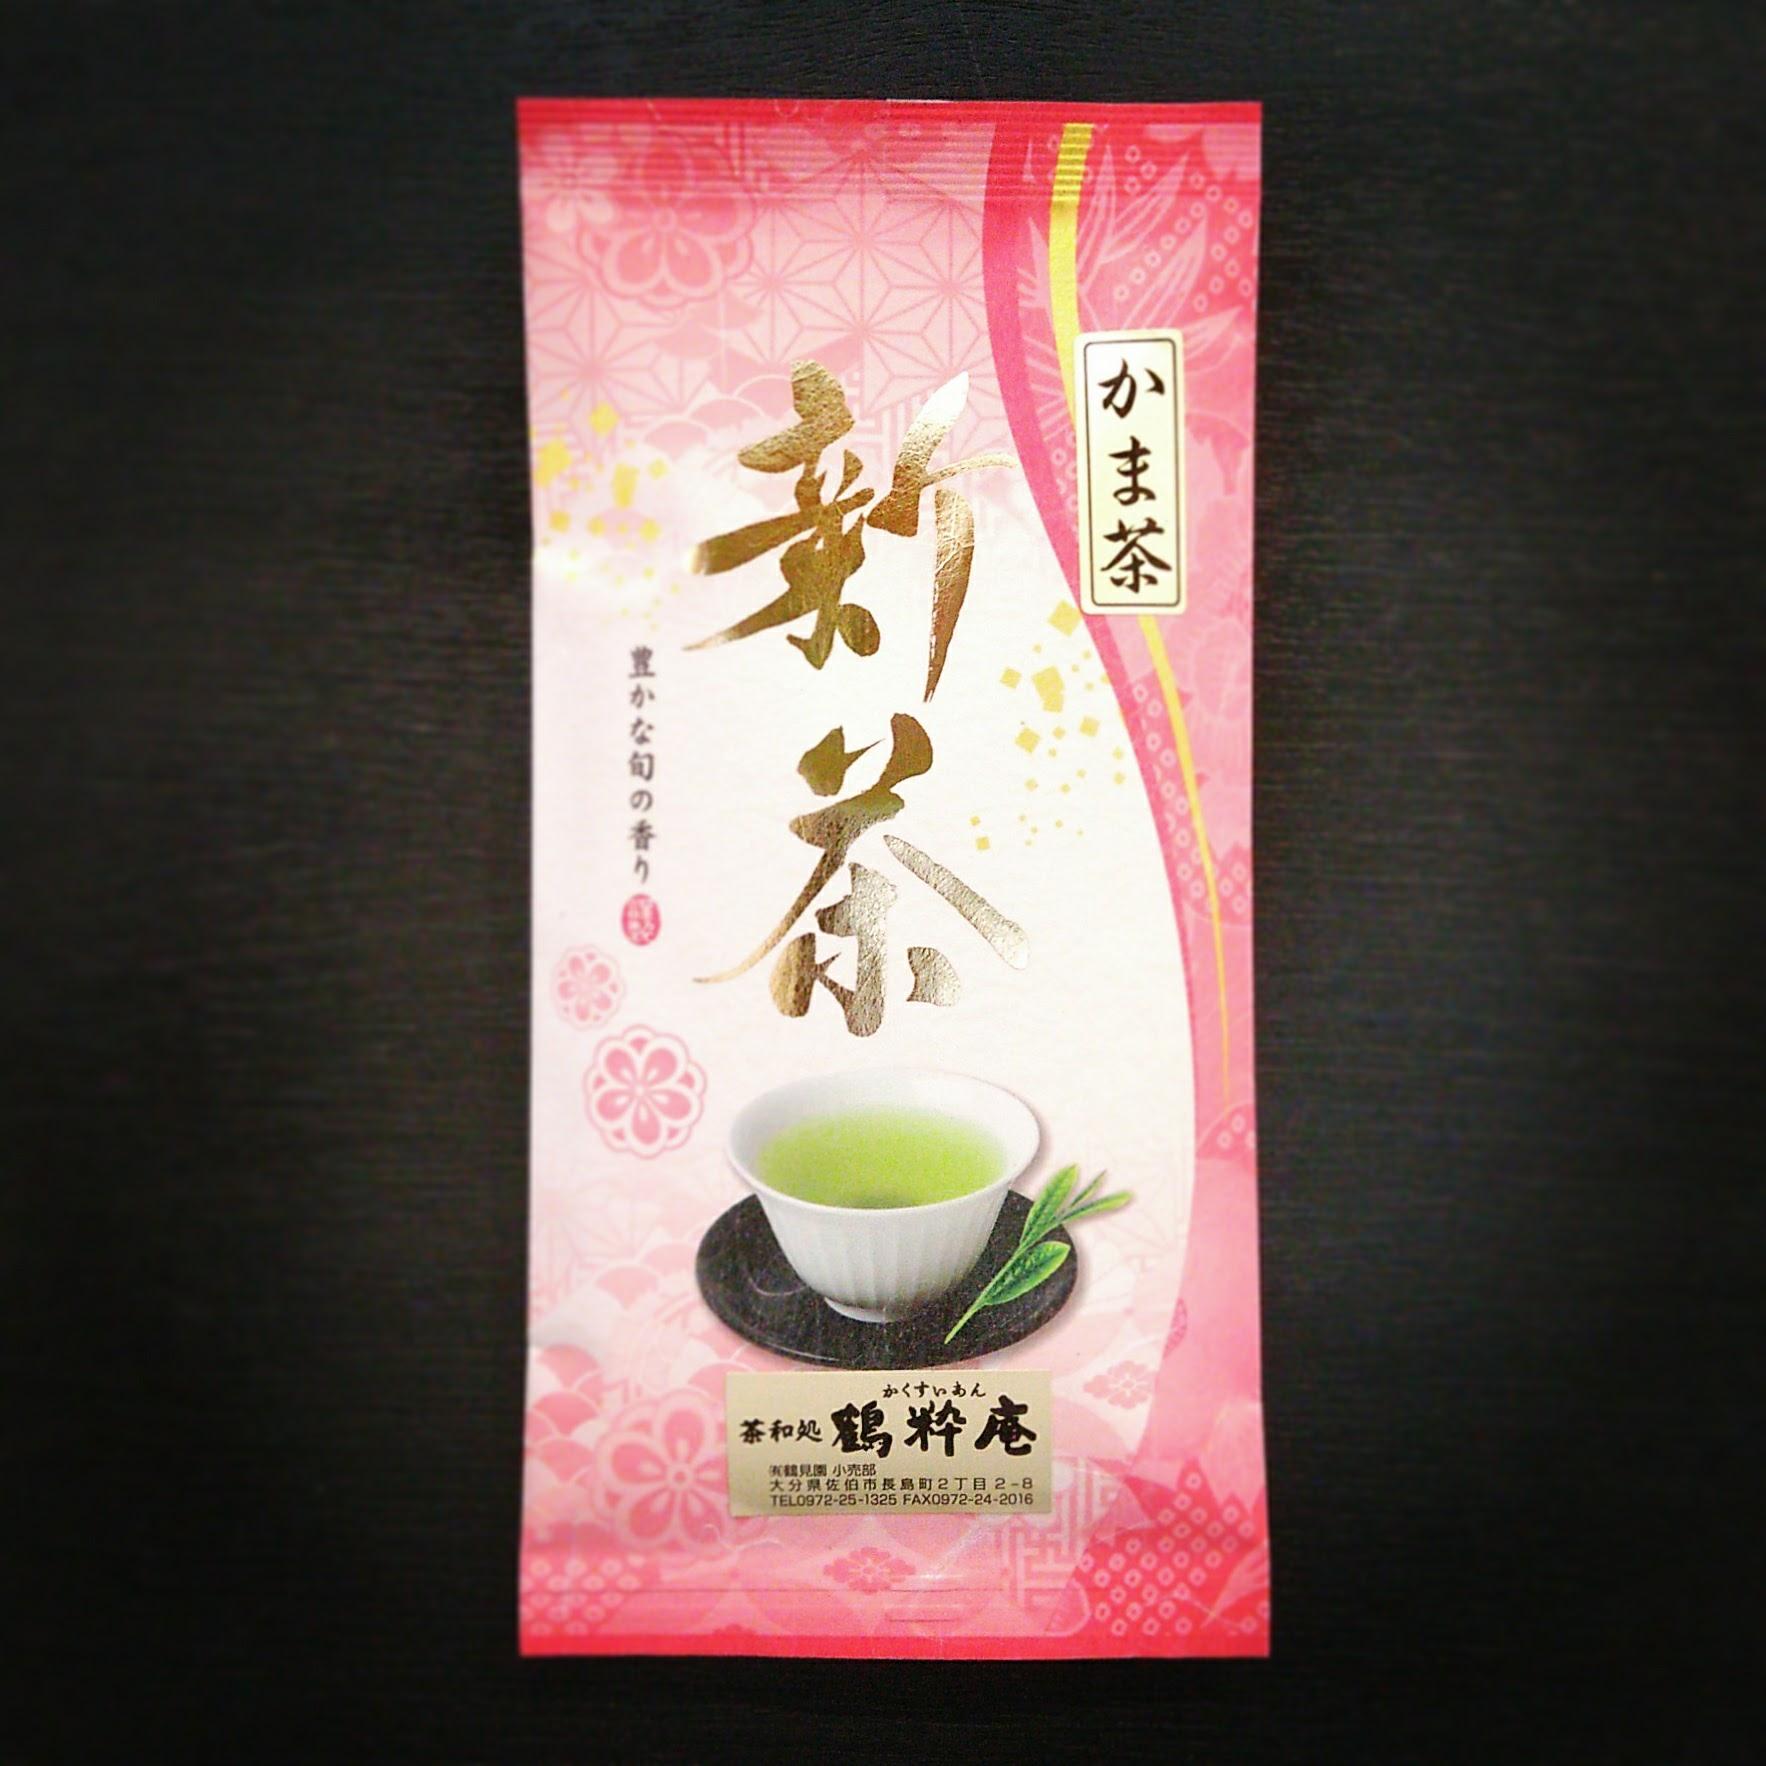 2017年産鹿児島新茶、かま茶100g袋入り